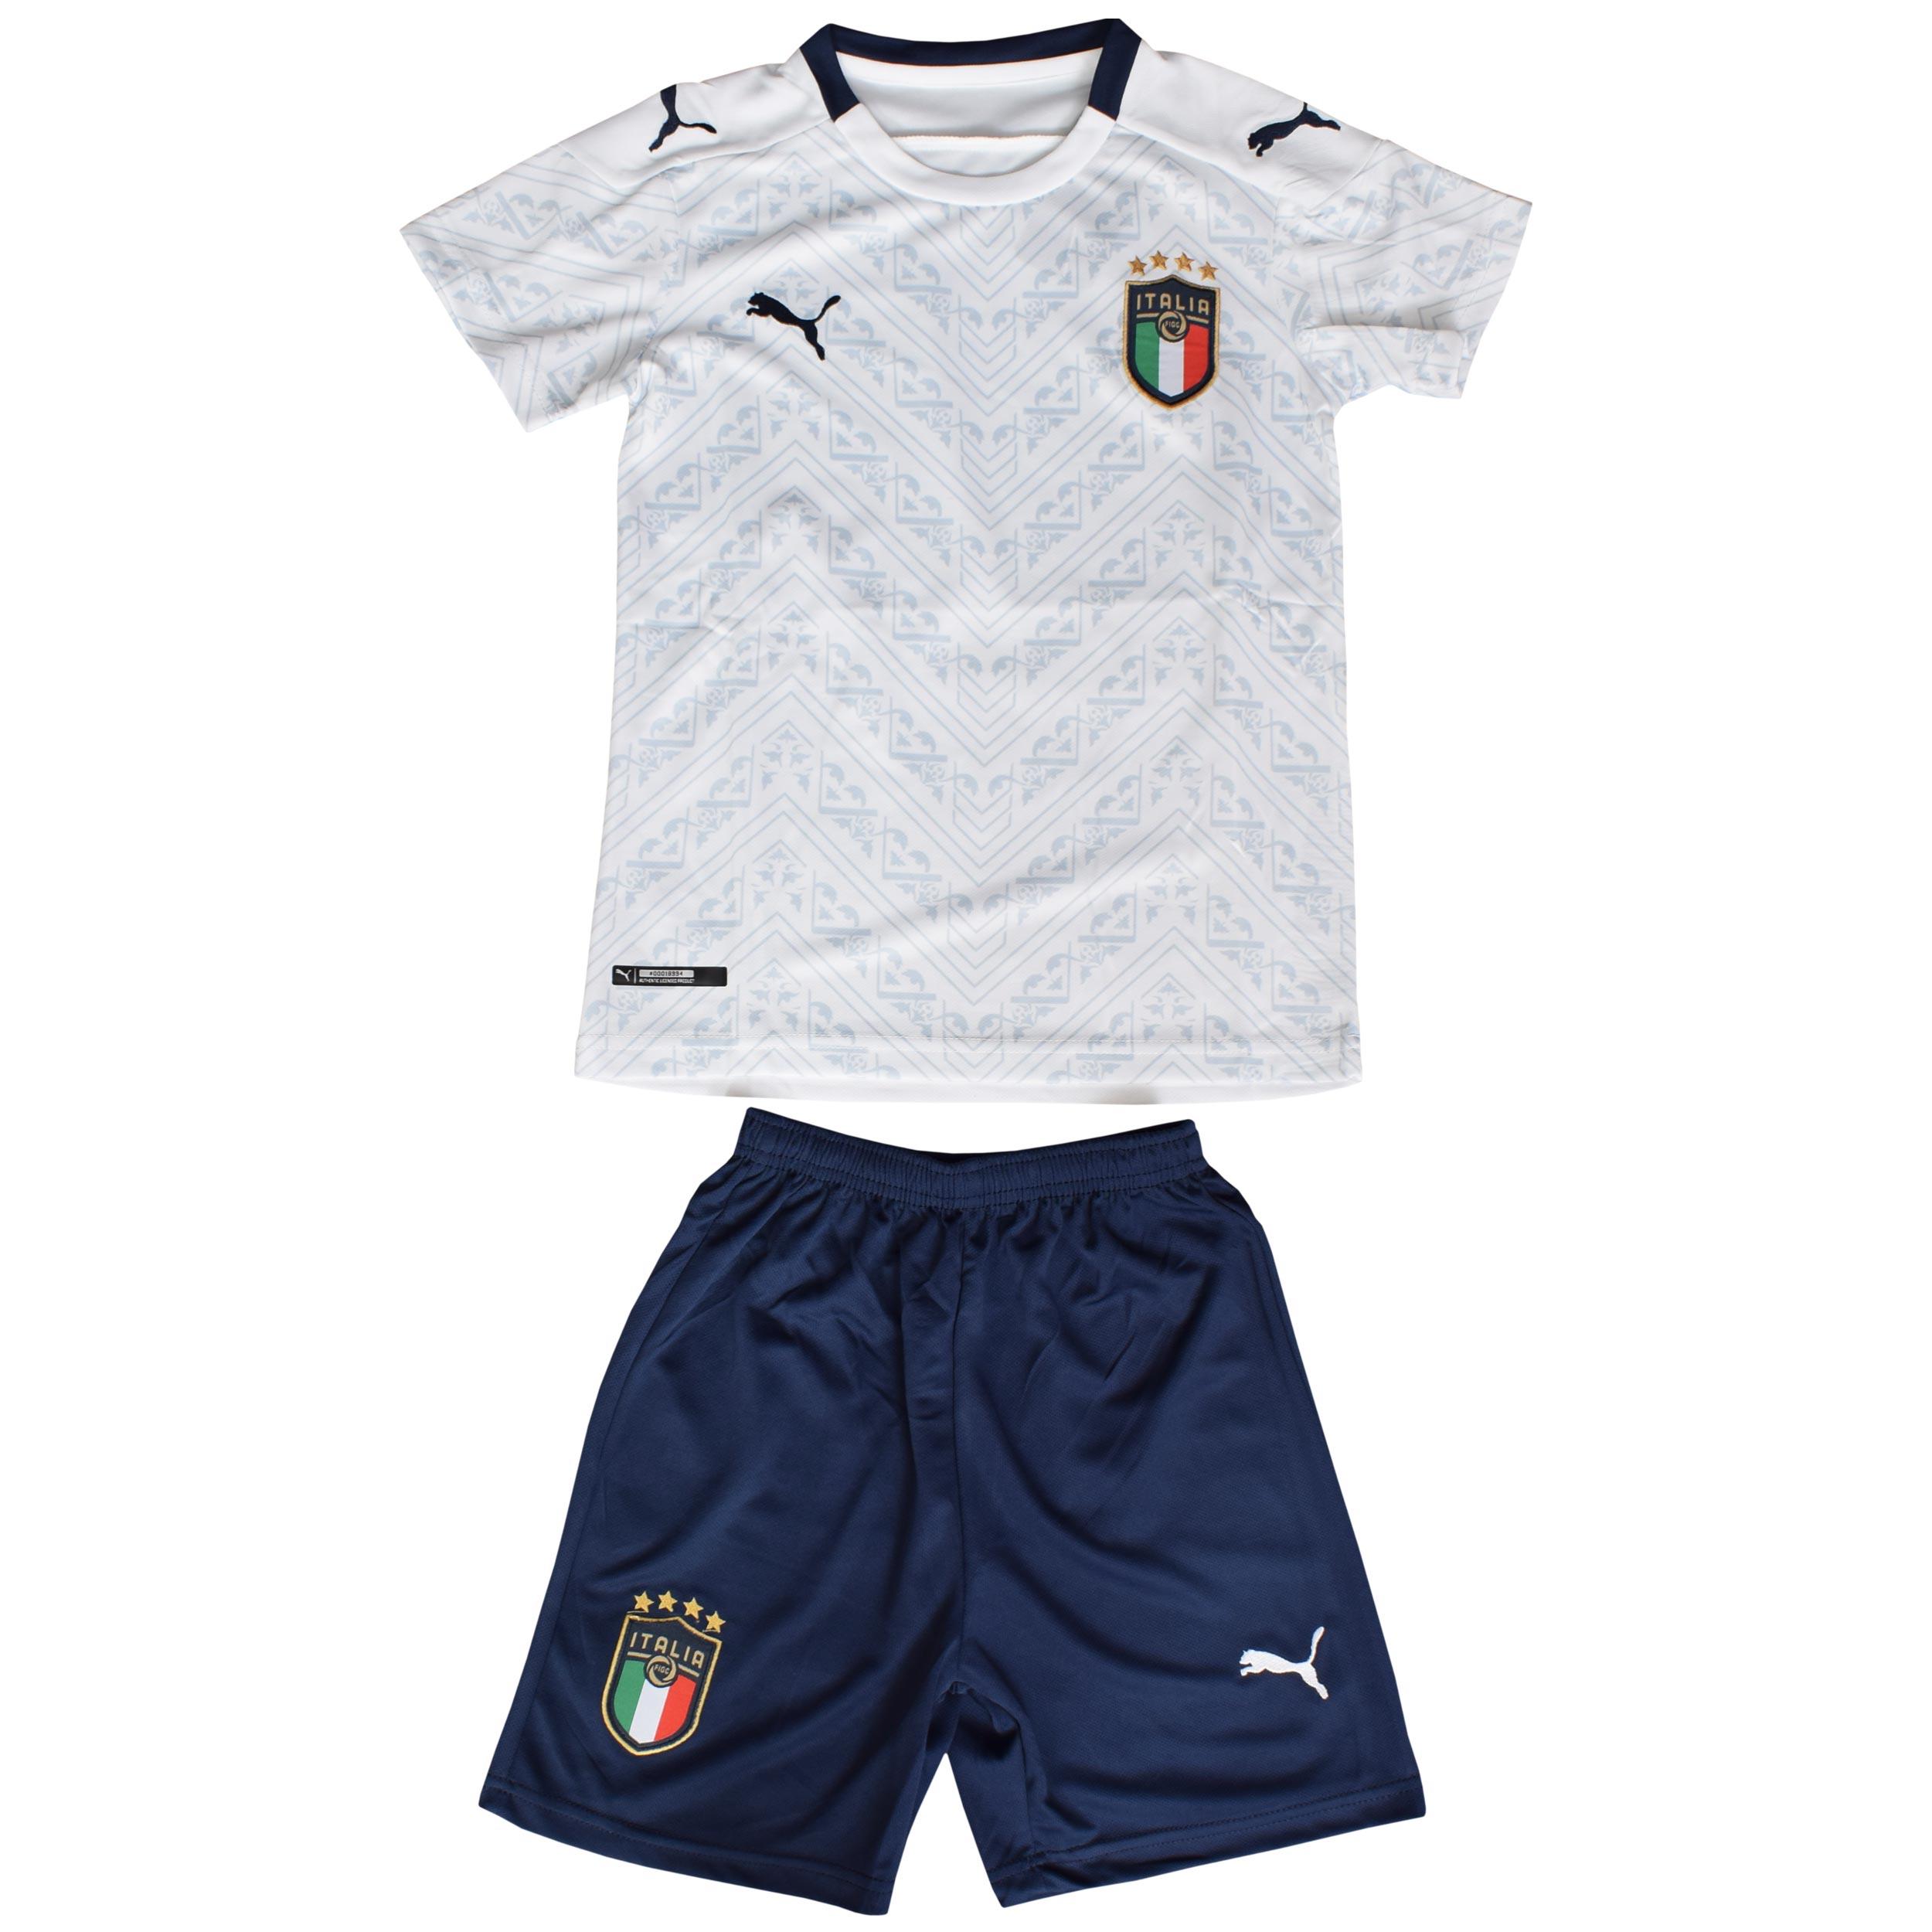 ست پیراهن و شلوارک ورزشی پسرانه طرح ایتالیا کد 1920 رنگ سفید